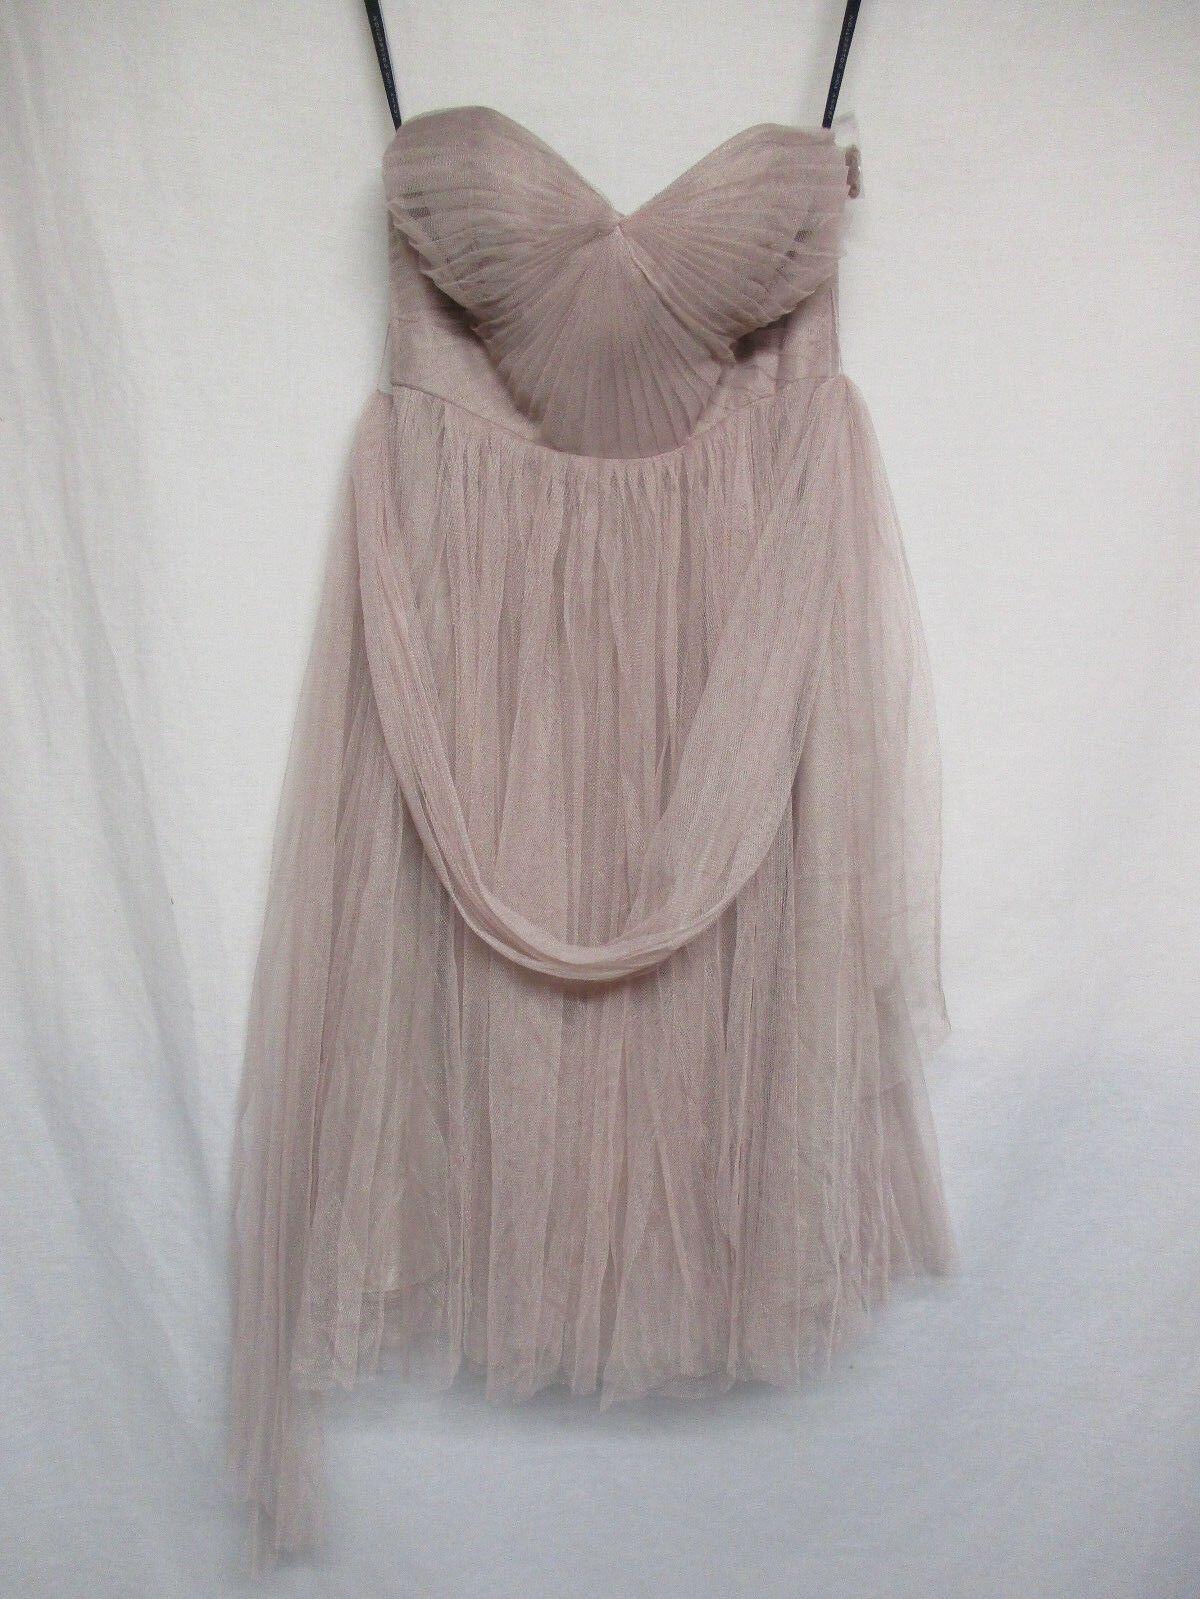 JENNY YOO COLLECTION Rosa Strapless Dress Lace Prom Größe 6      p10